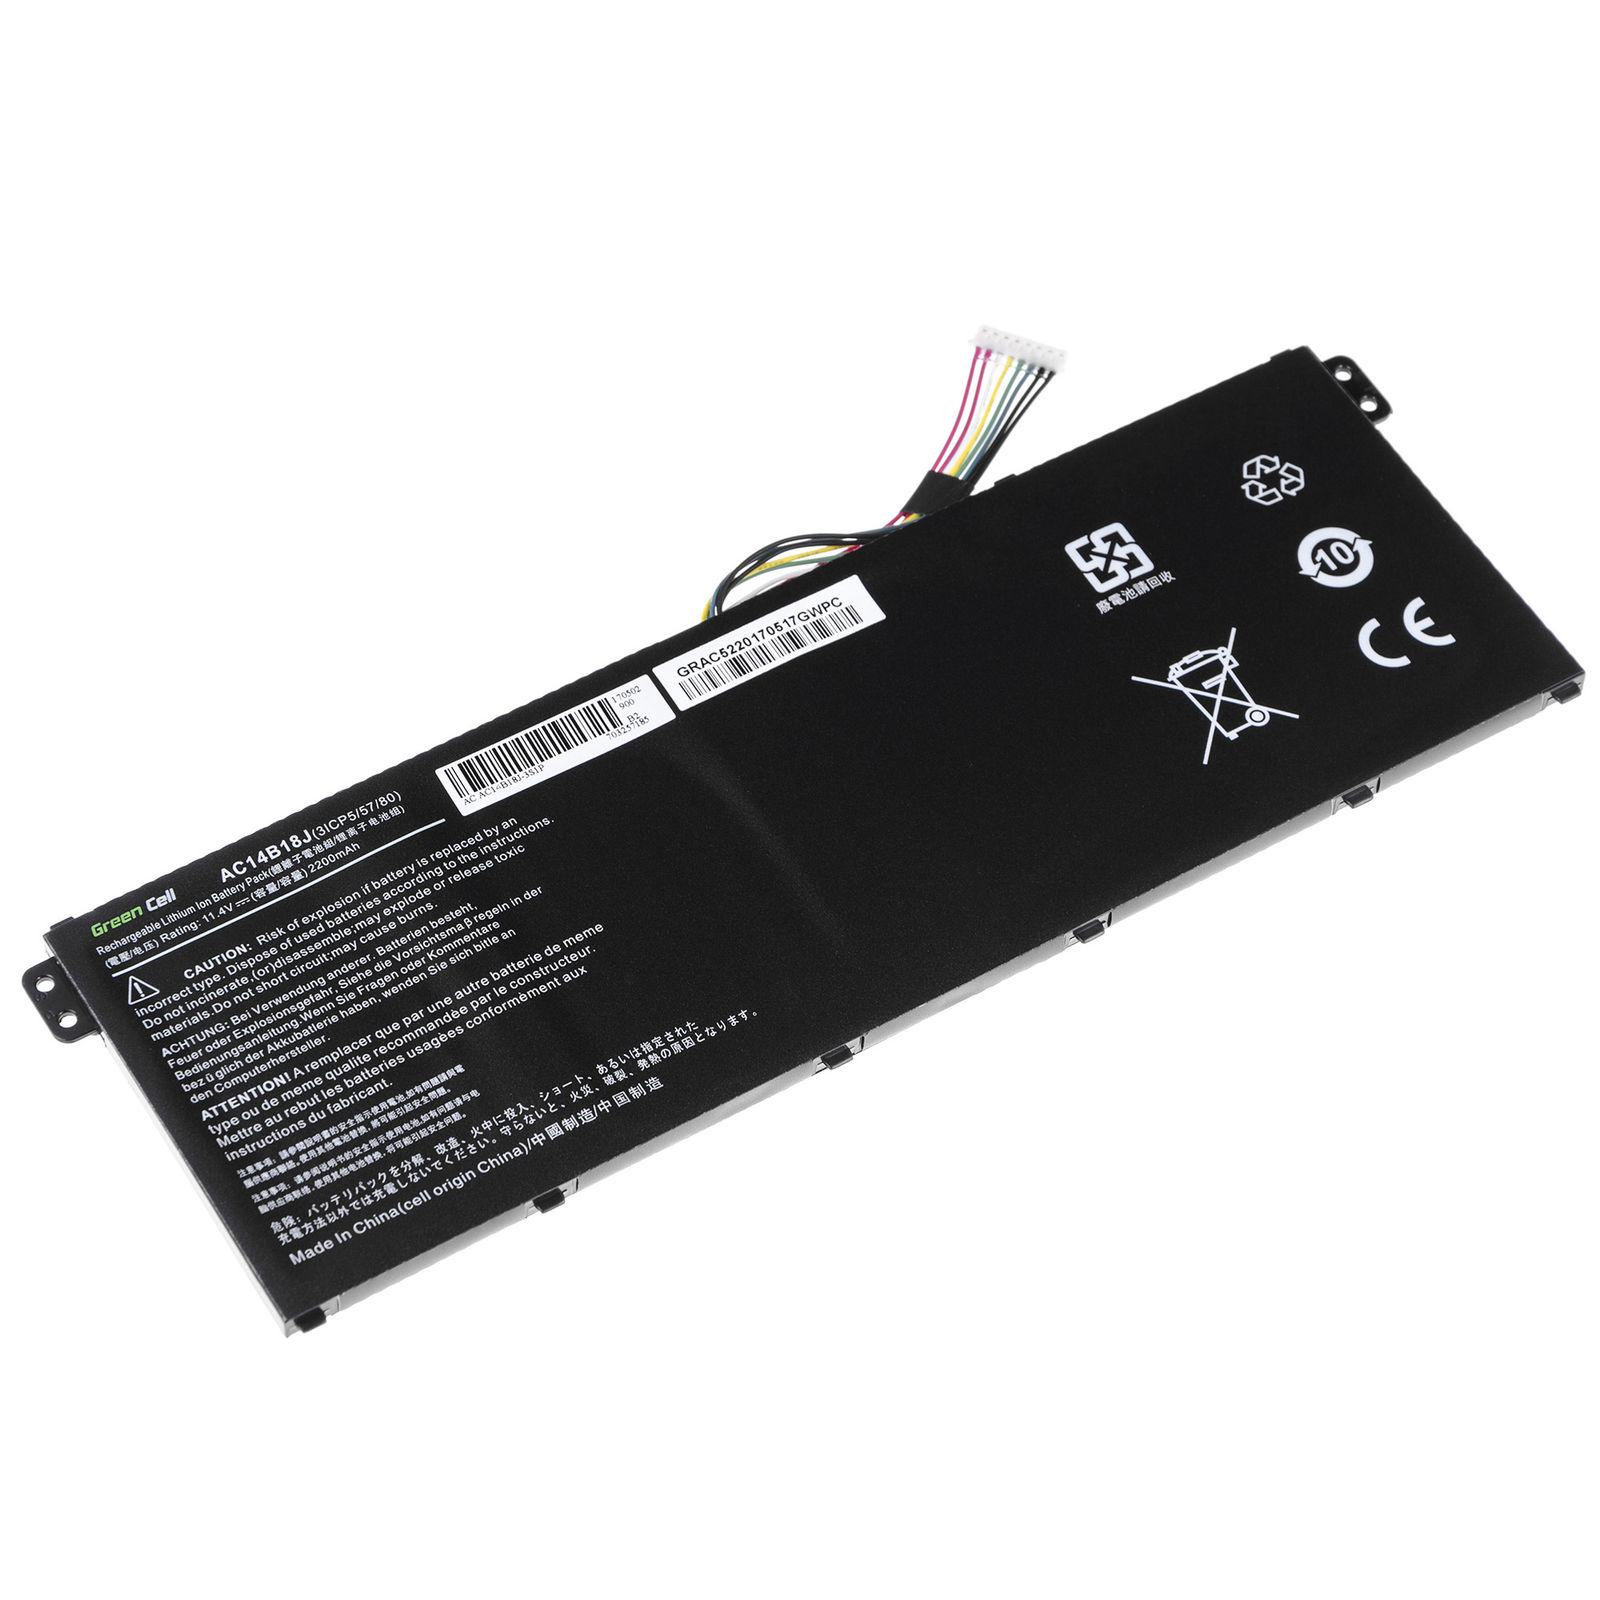 akku für Acer Extensa 2519-P560 2200mAh (kompatibel)